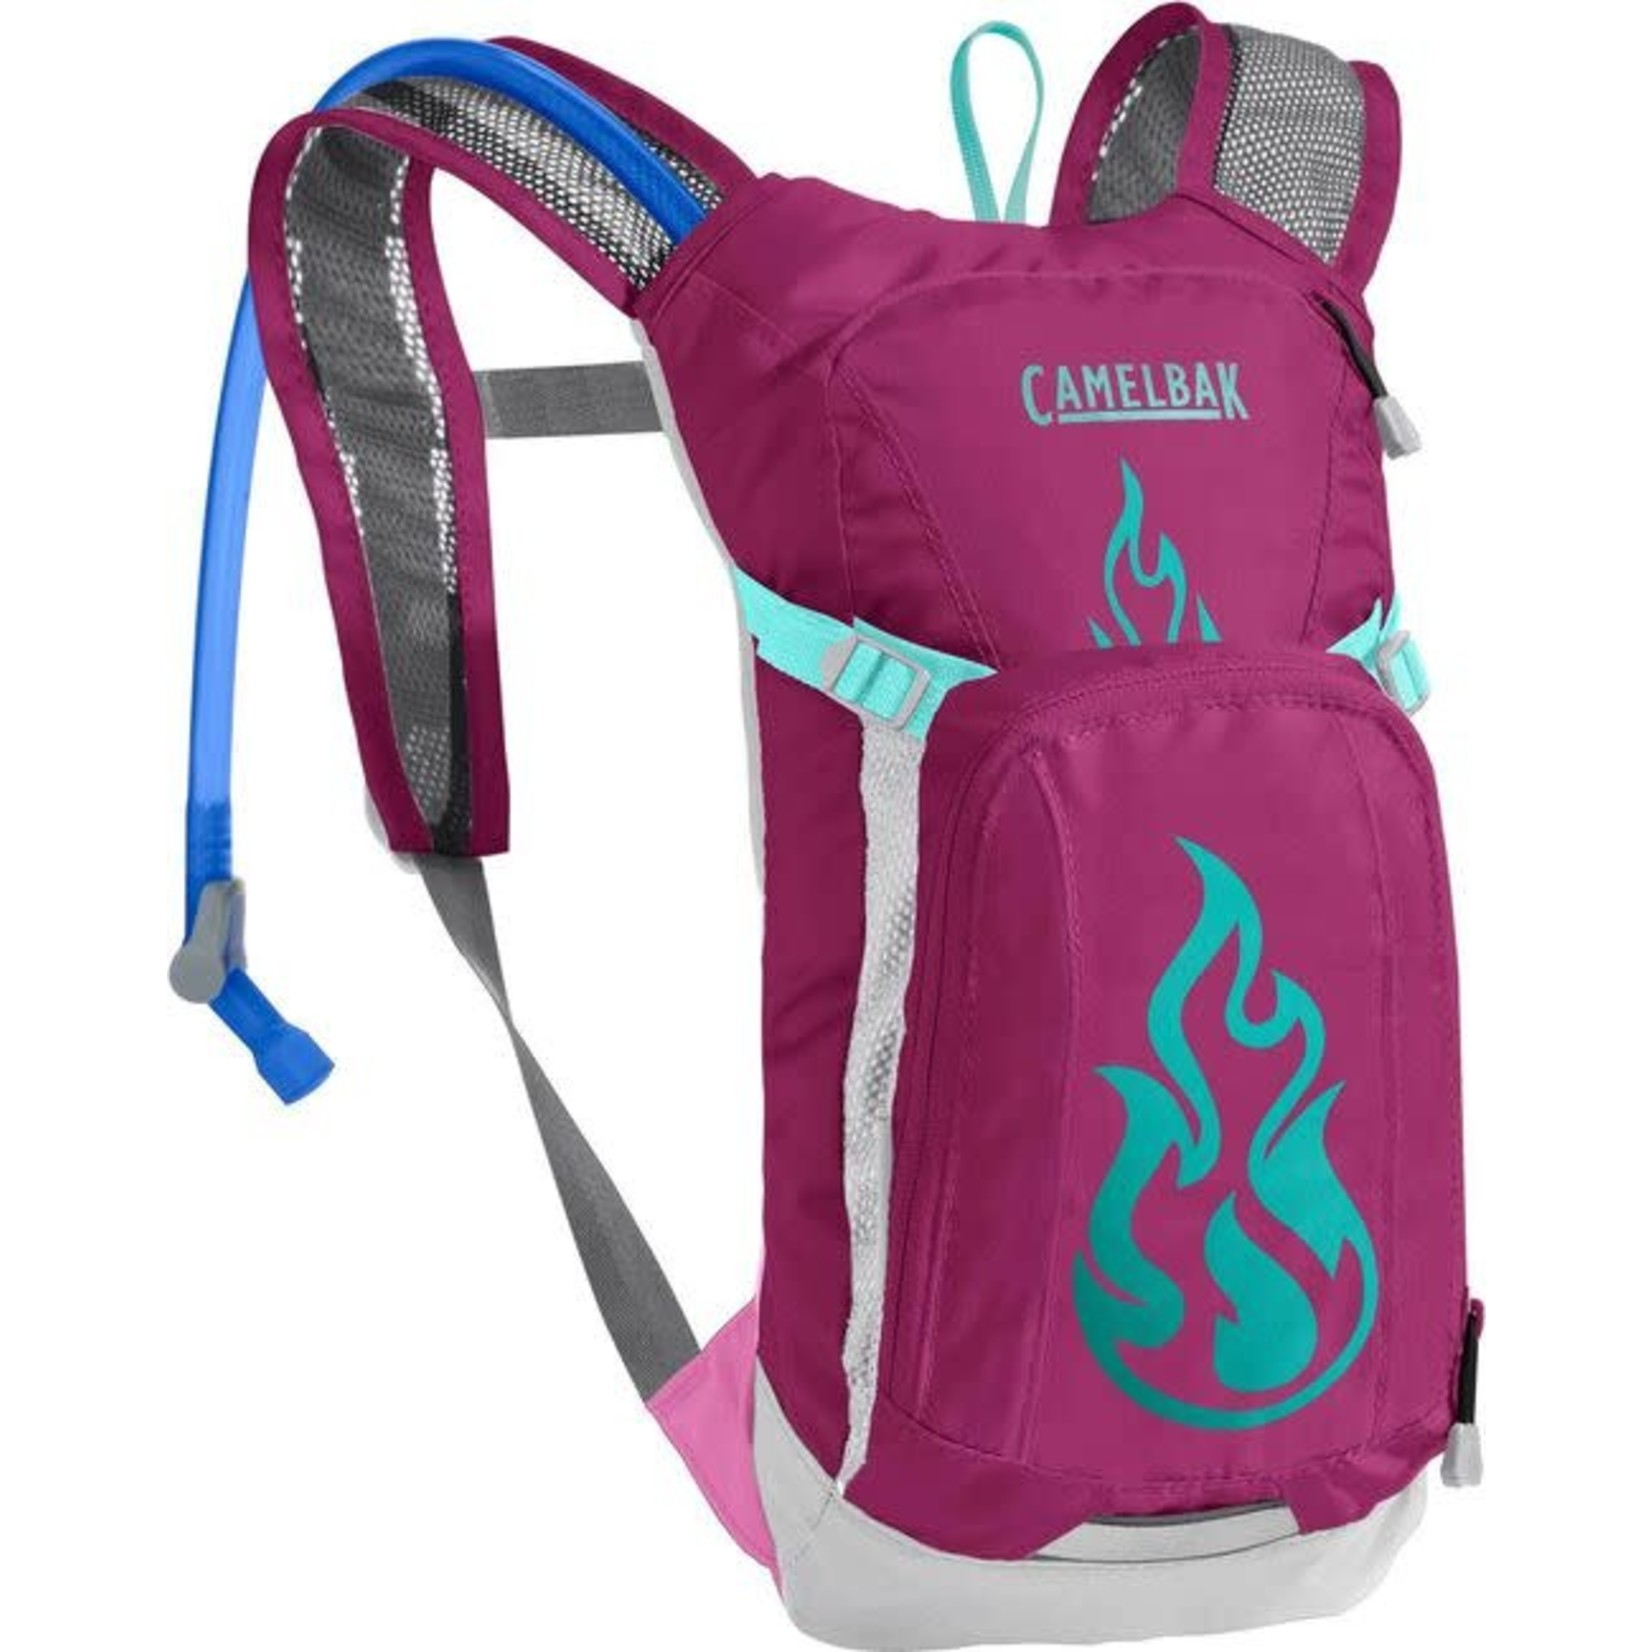 CAMELBAK CamelBak- Mini M.U.L.E., 50oz, Baton Rouge Flames